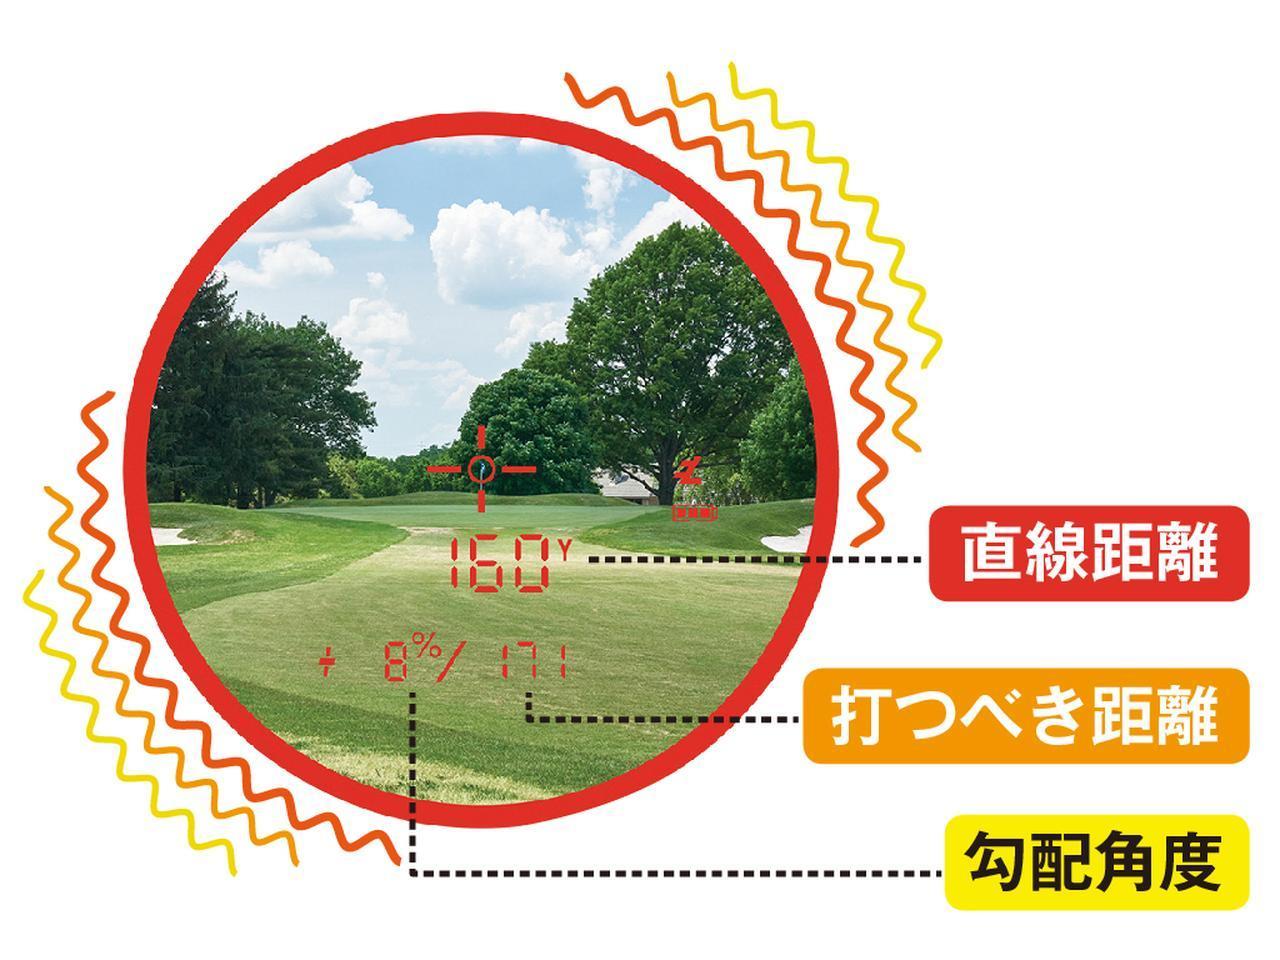 画像1: 打つべき距離をビビッとお知らせ ピンシーカー プロEXジョルト (ブッシュネルゴルフ)